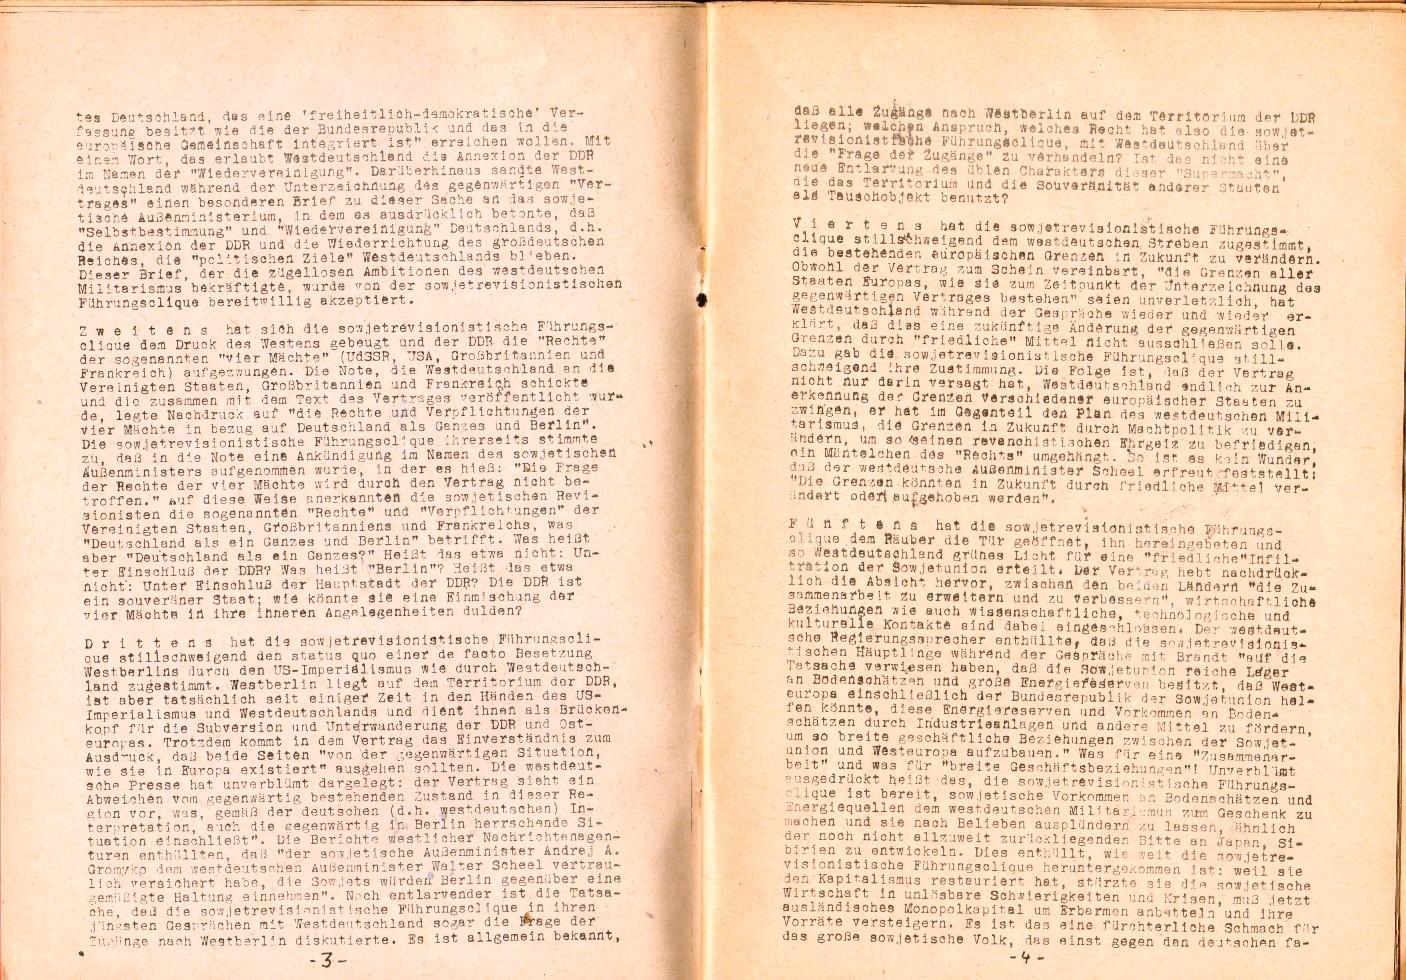 KPDML_1970_Der_sowjetisch_westdeutsche_Vertrag_05